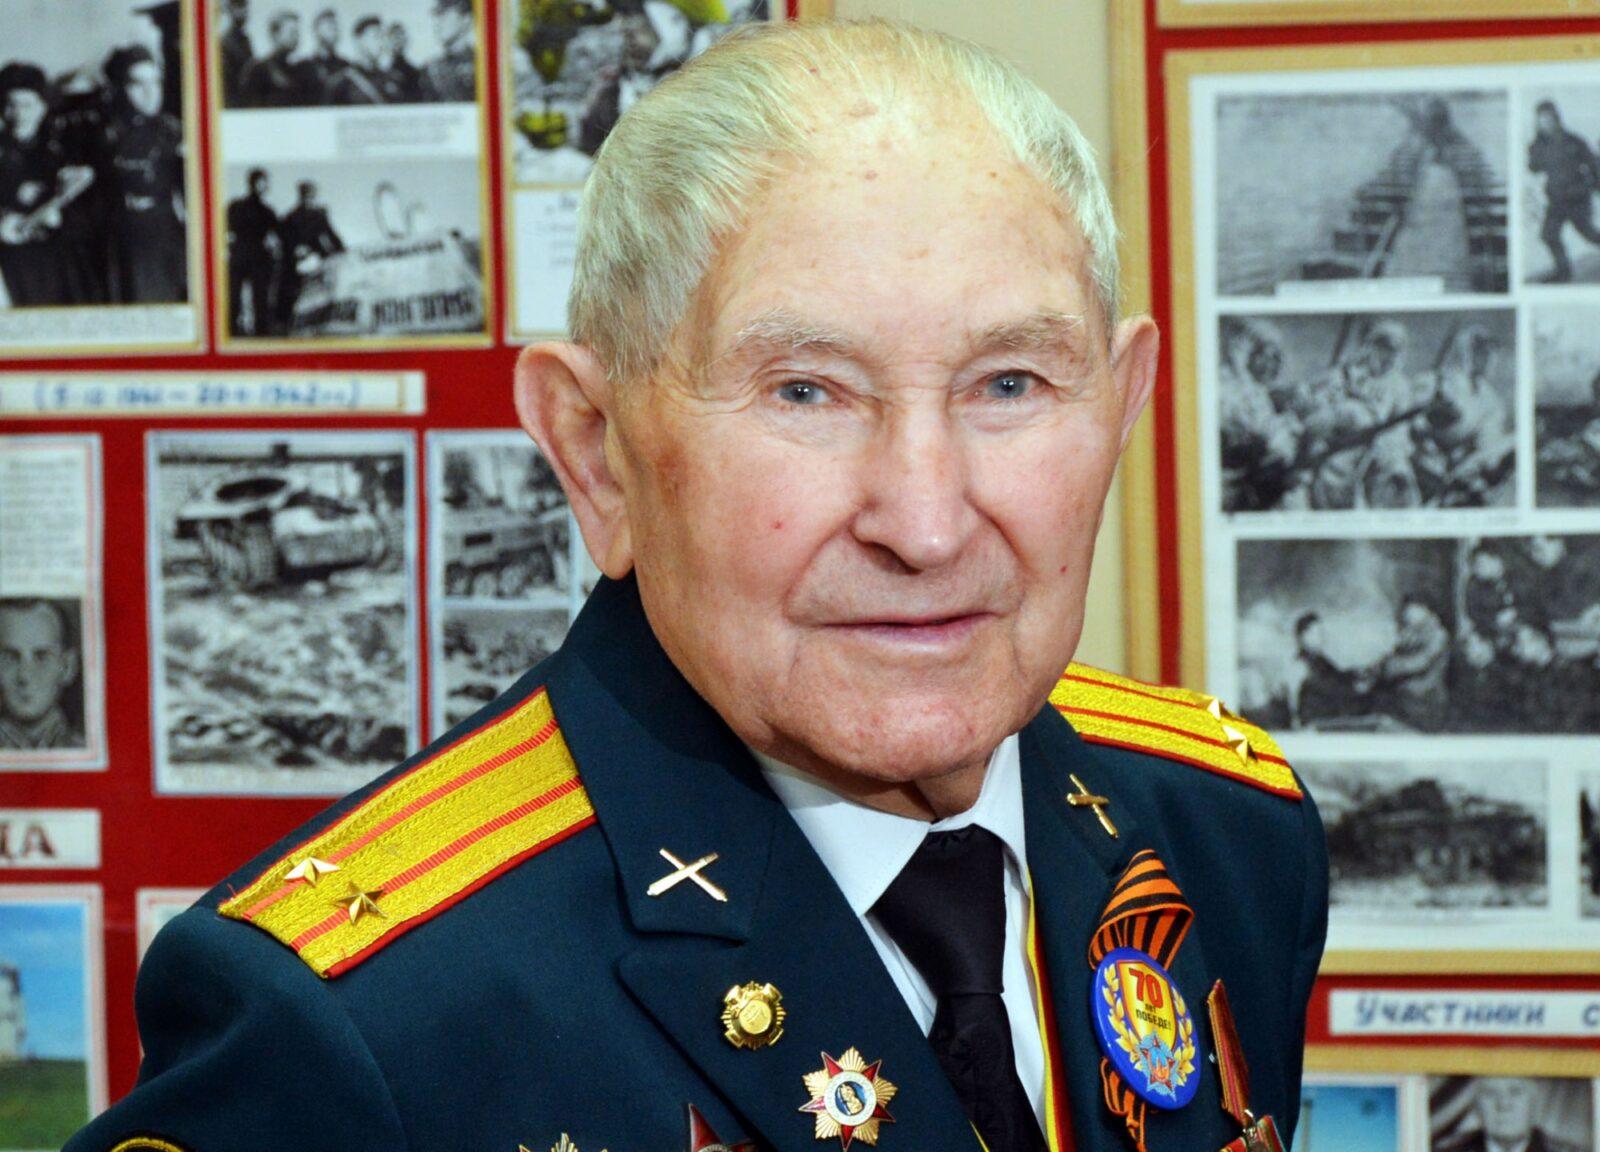 Иван Кладкевич: Я человек старой закалки, но поддерживаю все новое